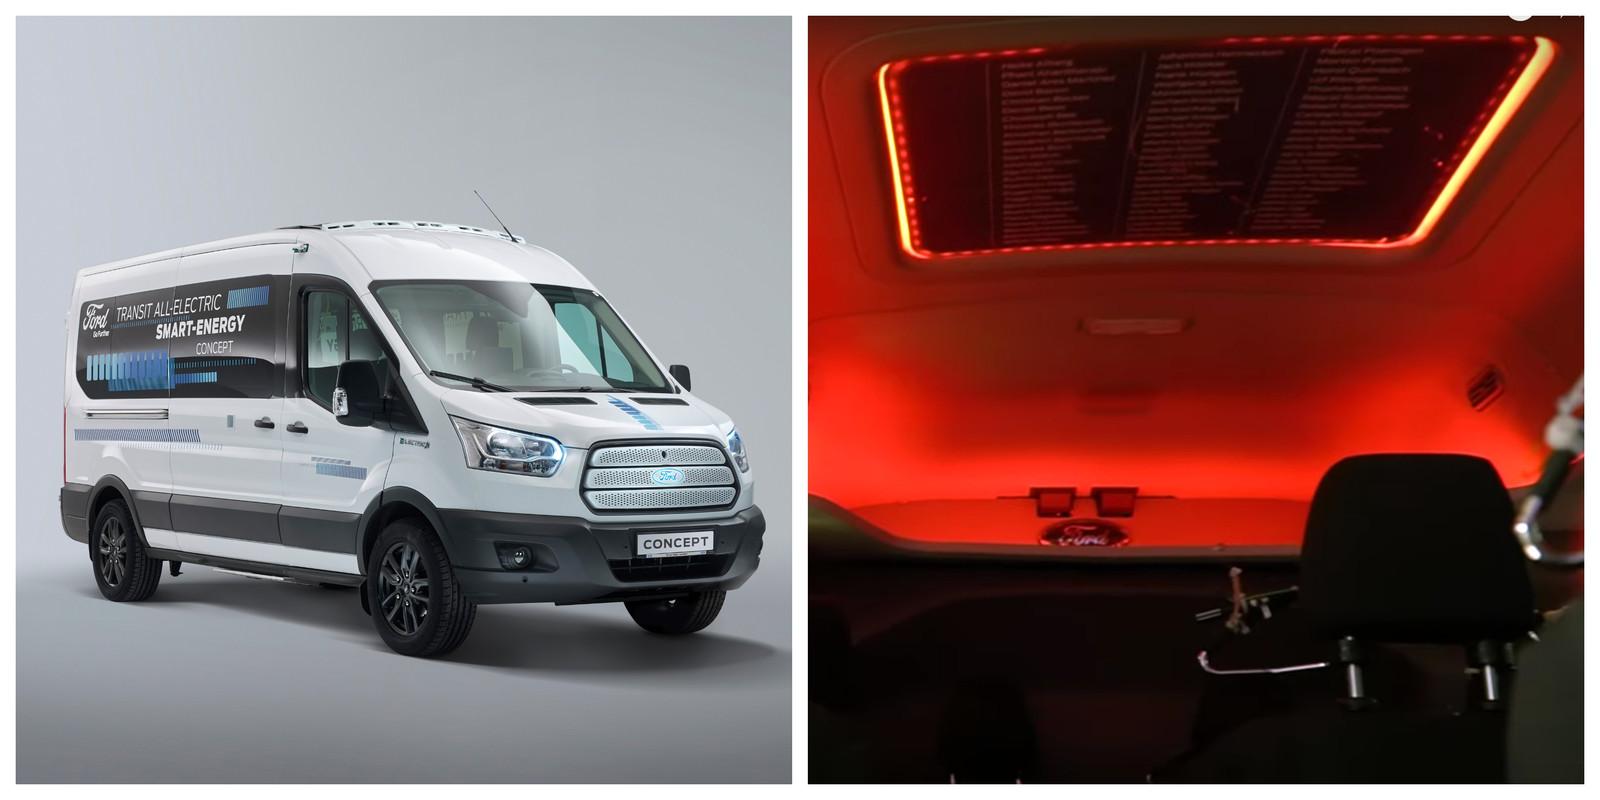 De Ford Transit Smart Energy Concept met rode verlichting.